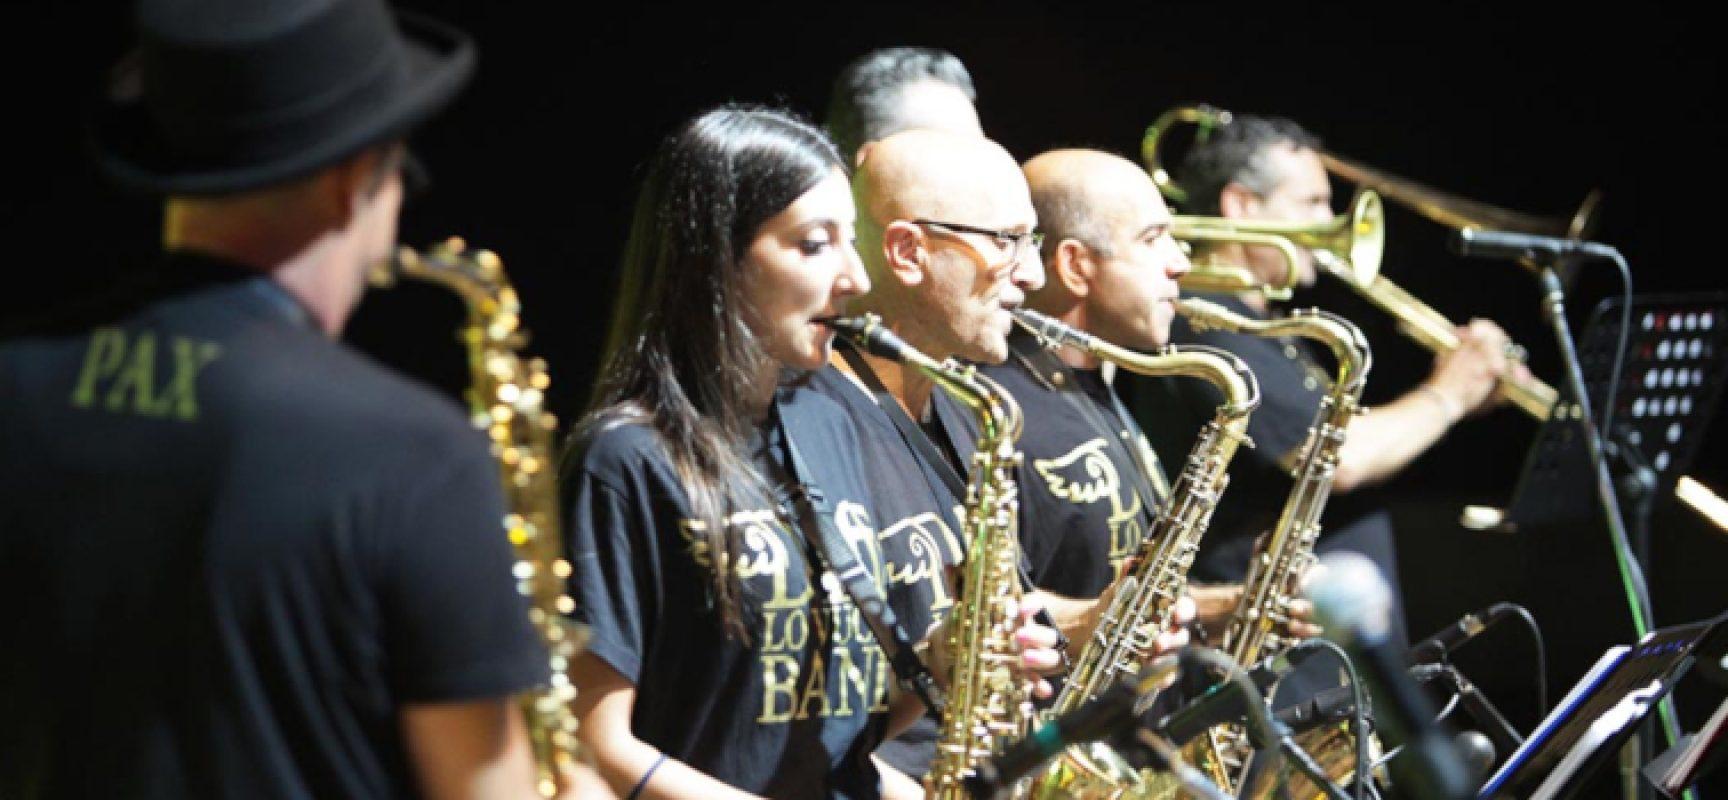 """""""Dio lo vuole band"""", concerto live organizzato dall'Opera Don Uva"""